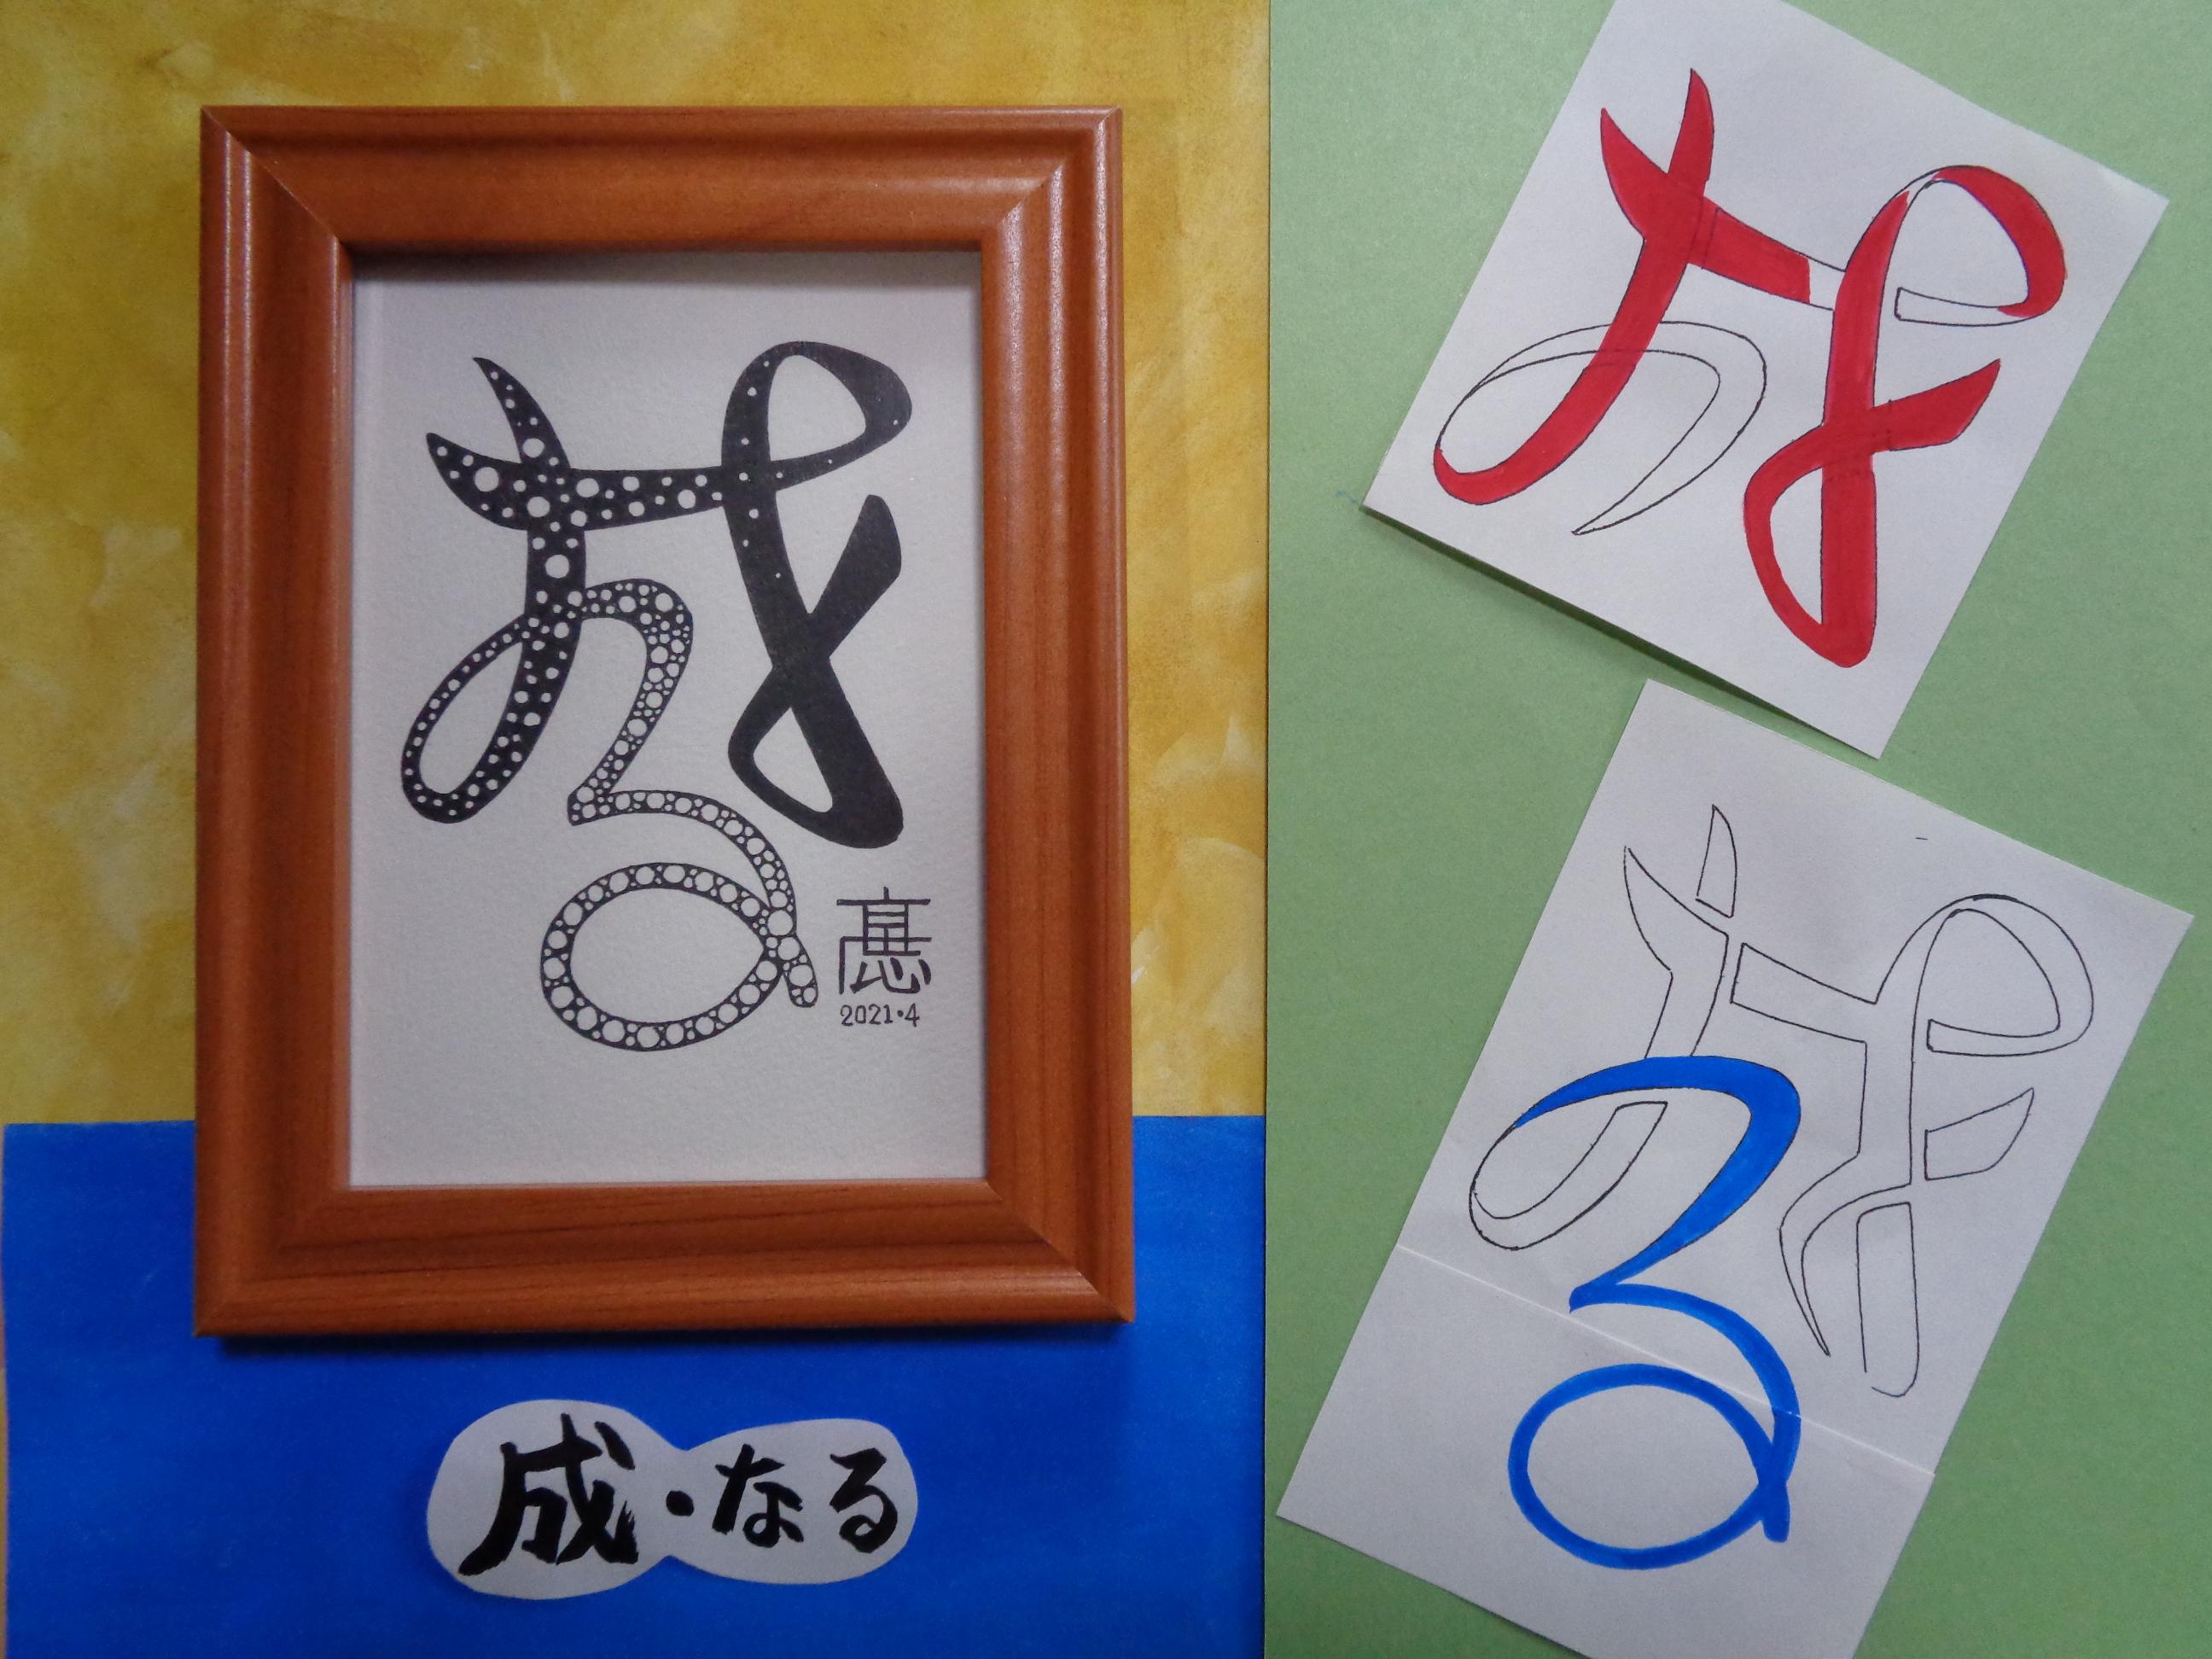 イラスト原画(写真サイズ) 成・なる<黒字・模様>